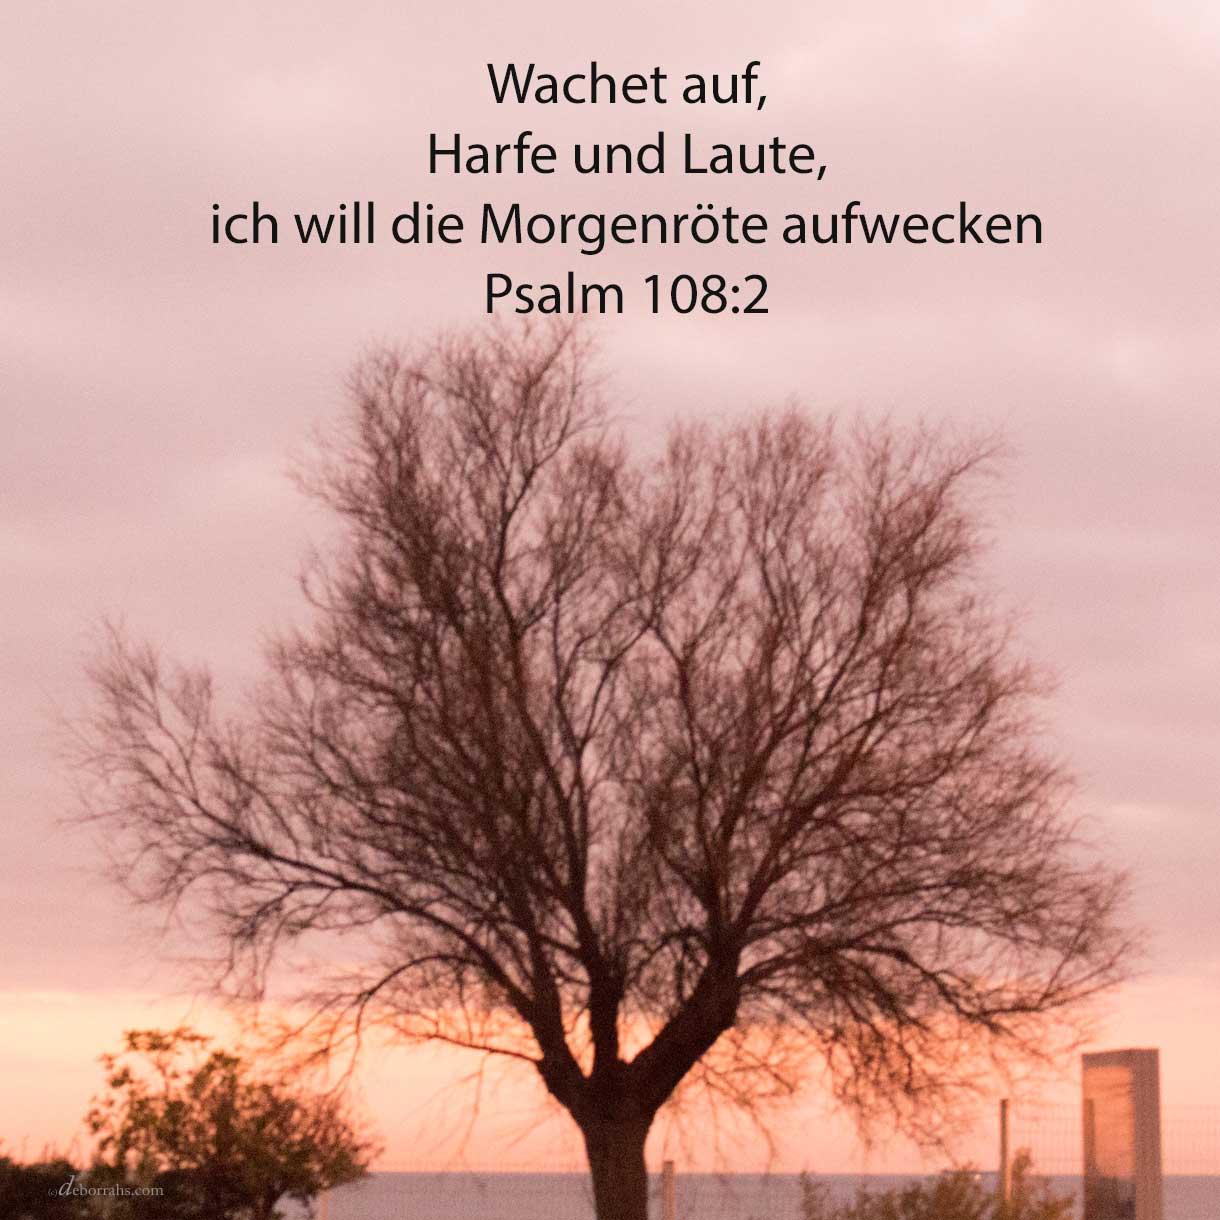 Wachet auf, Harfe und Laute! Ich will aufwecken die Morgenröte ( Psalm 108,2 )